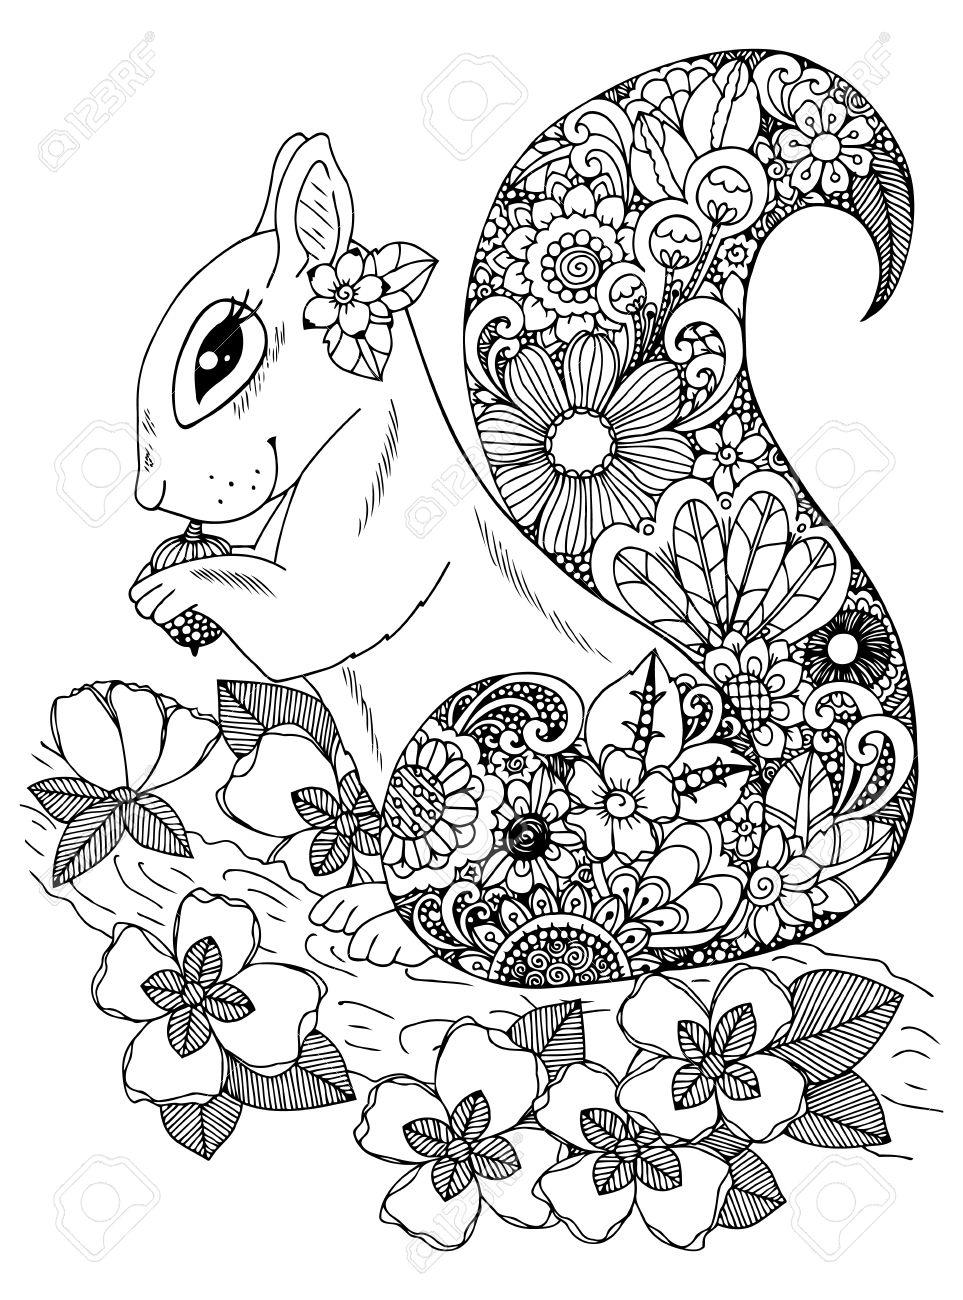 Ilustración Zentangle, Ardilla Con Flores. Dibujo Del Doodle. Dibujo ...